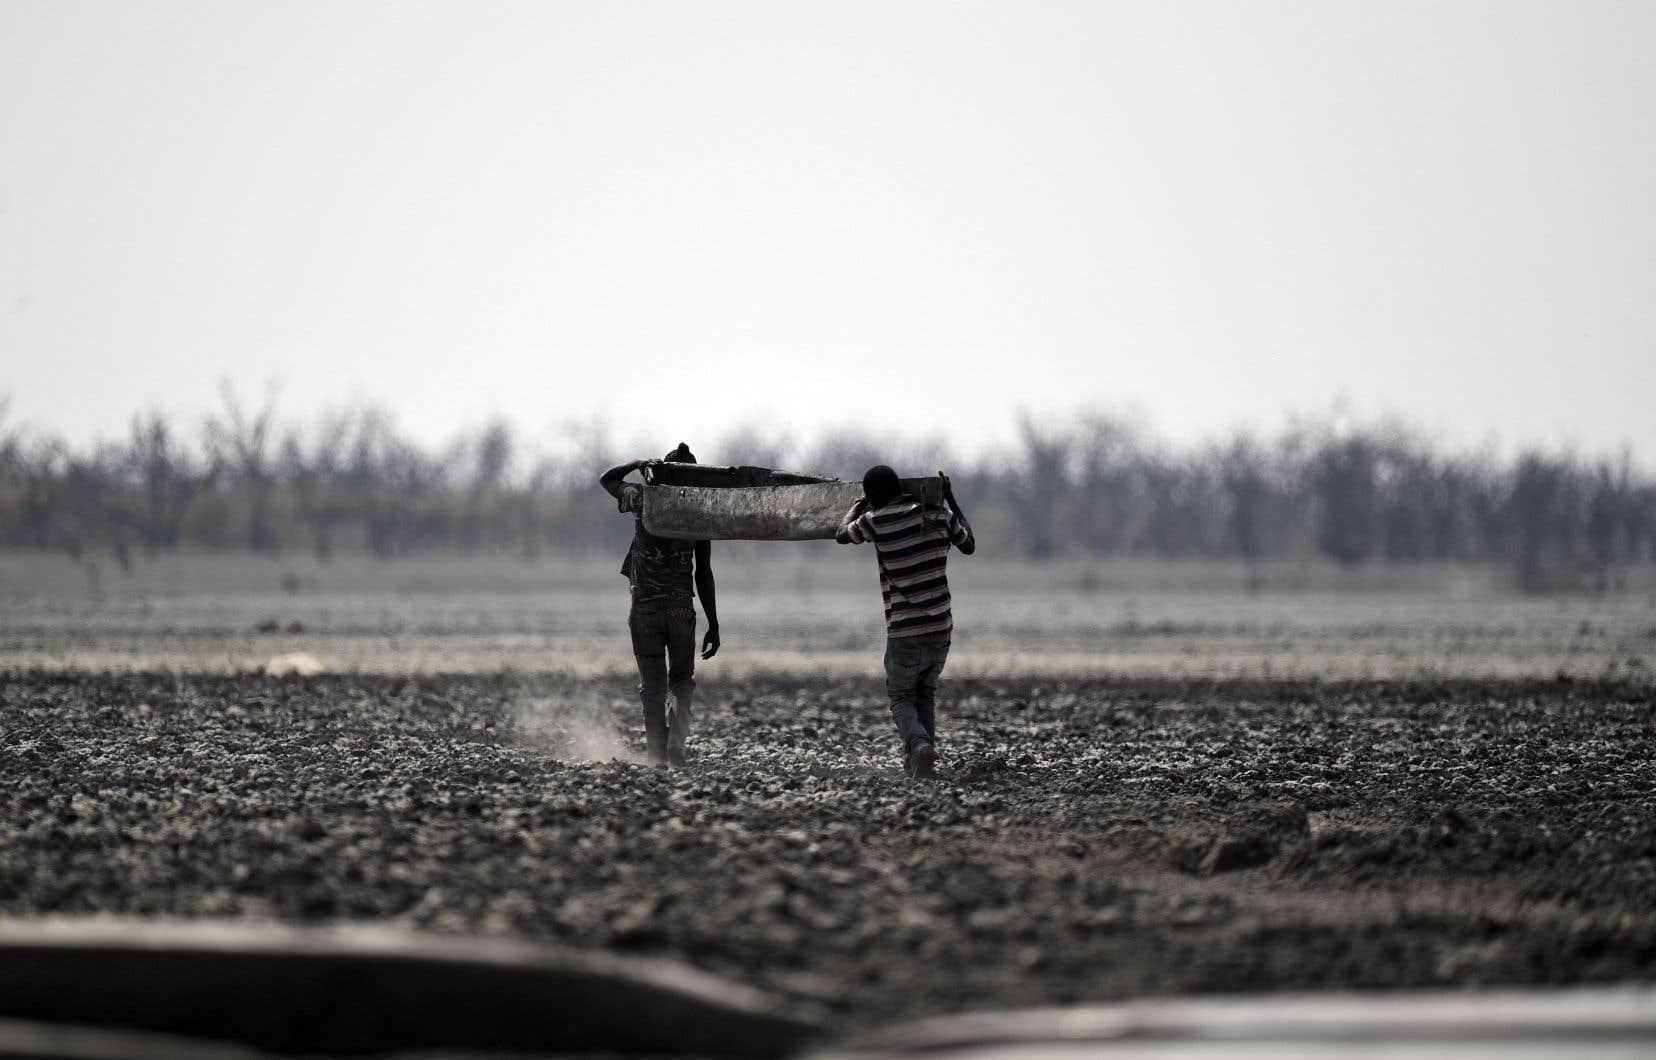 Des tendances dans les précipitations et les évolutions de température en Afrique pourraient être liées au changement climatique, mais les études documentant le phénomène sur le continent sont peu nombreuses, reflet de la disproportion du nombre d'études entre les pays riches et les pays pauvres.